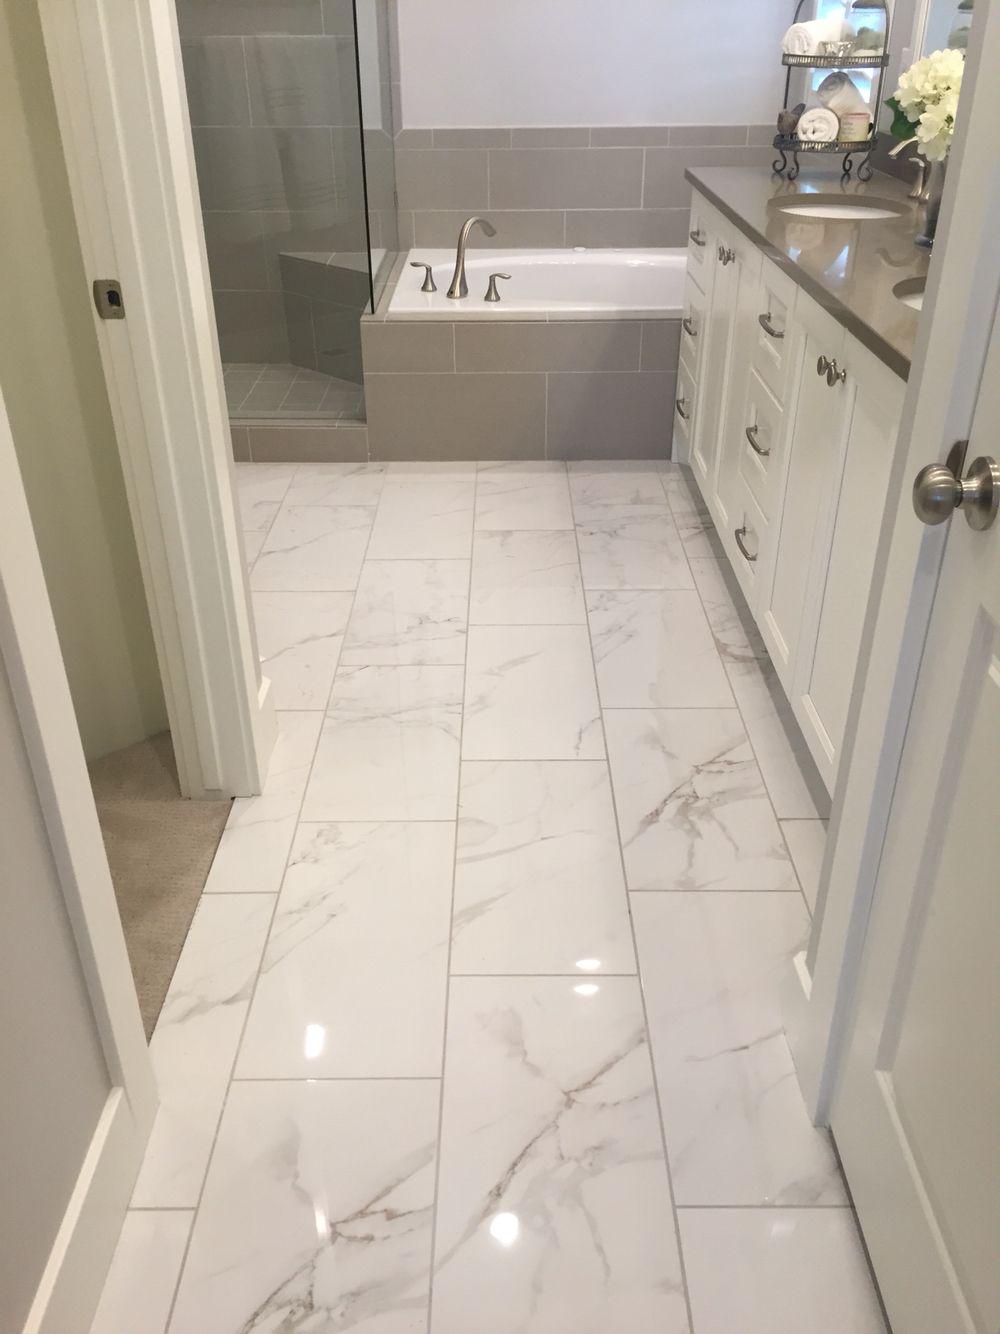 I like shiny tile.